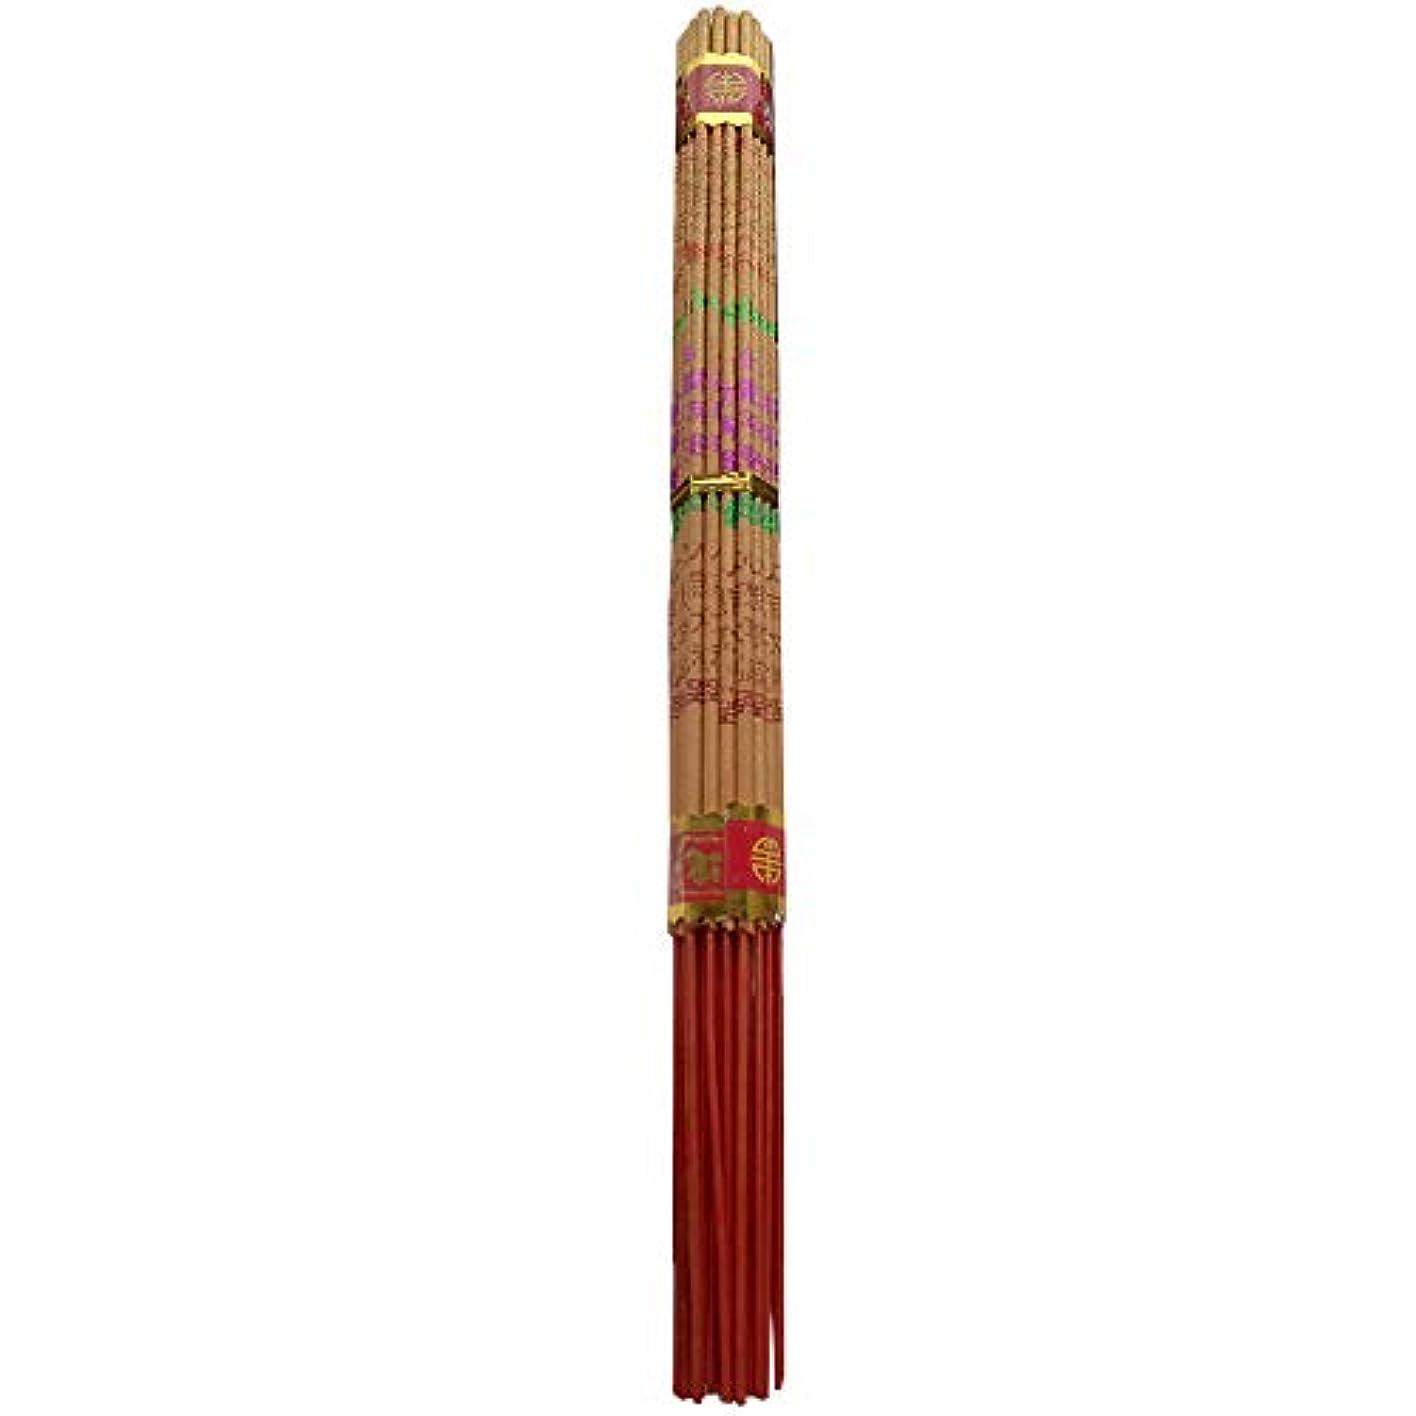 不調和観客君主制zeestar Incense/中国香お香Long Burning Buddhist 10.2インチ – 38 Sticks